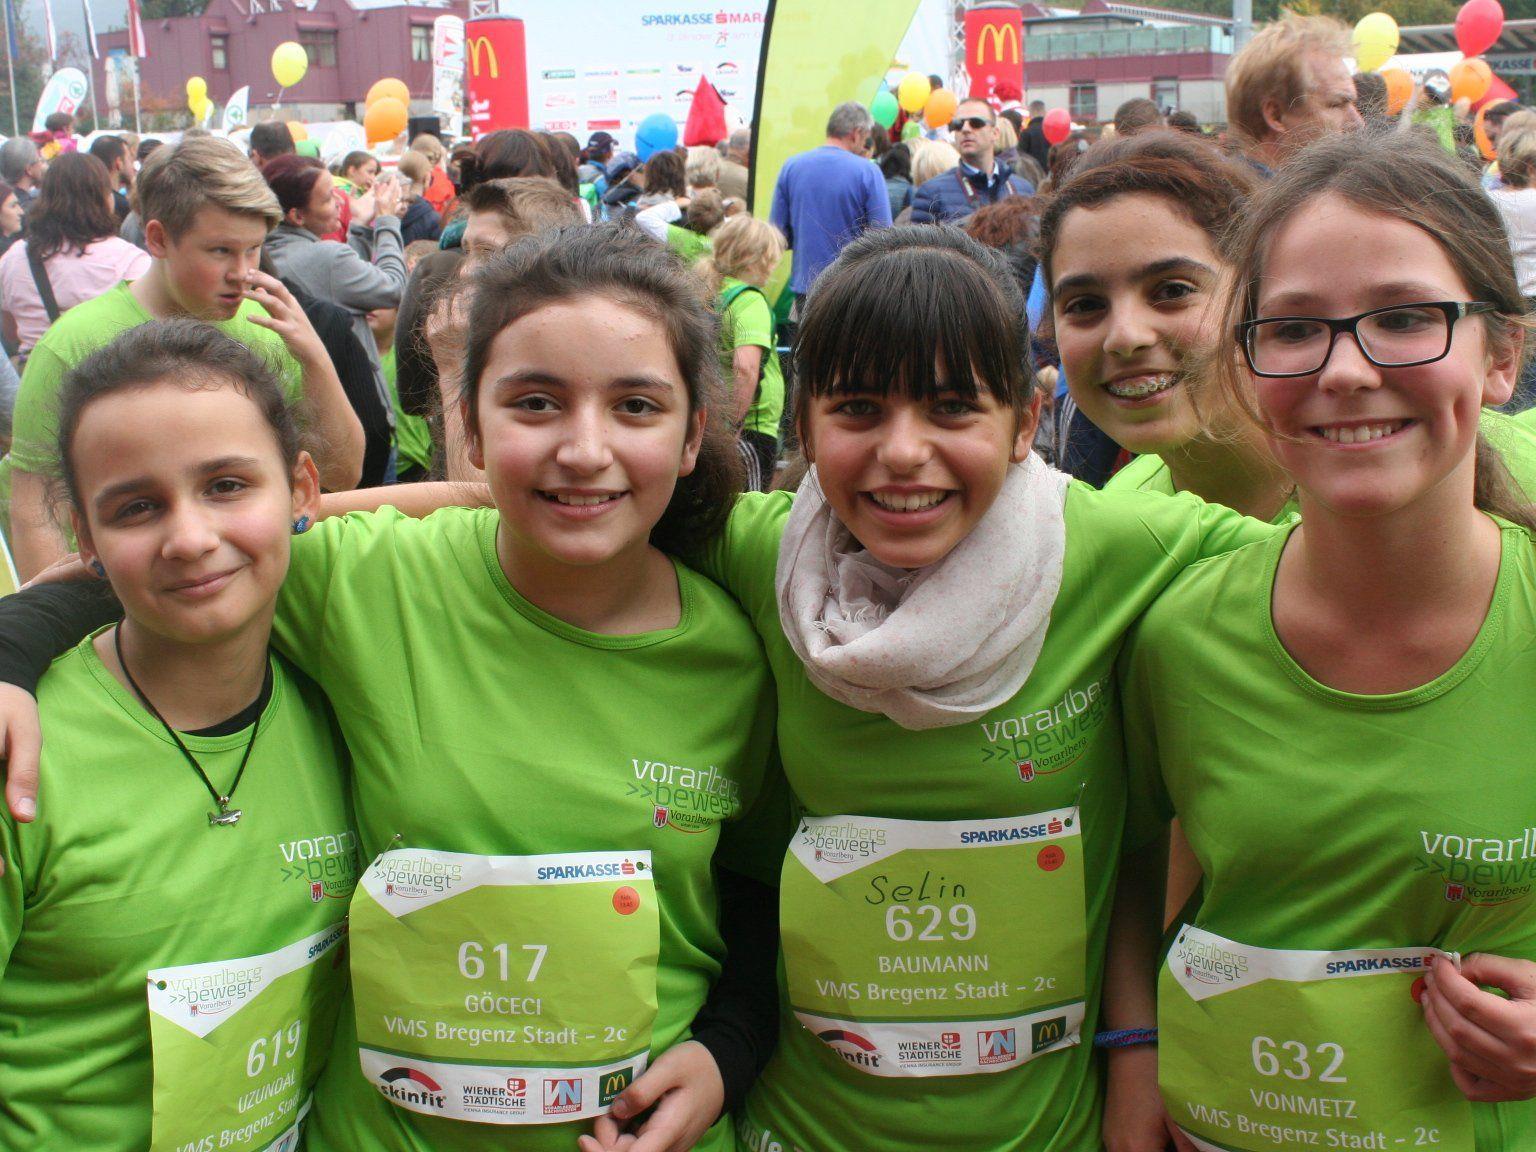 Starterinnen der 2c Klasse der MS Bregenz-Stadt